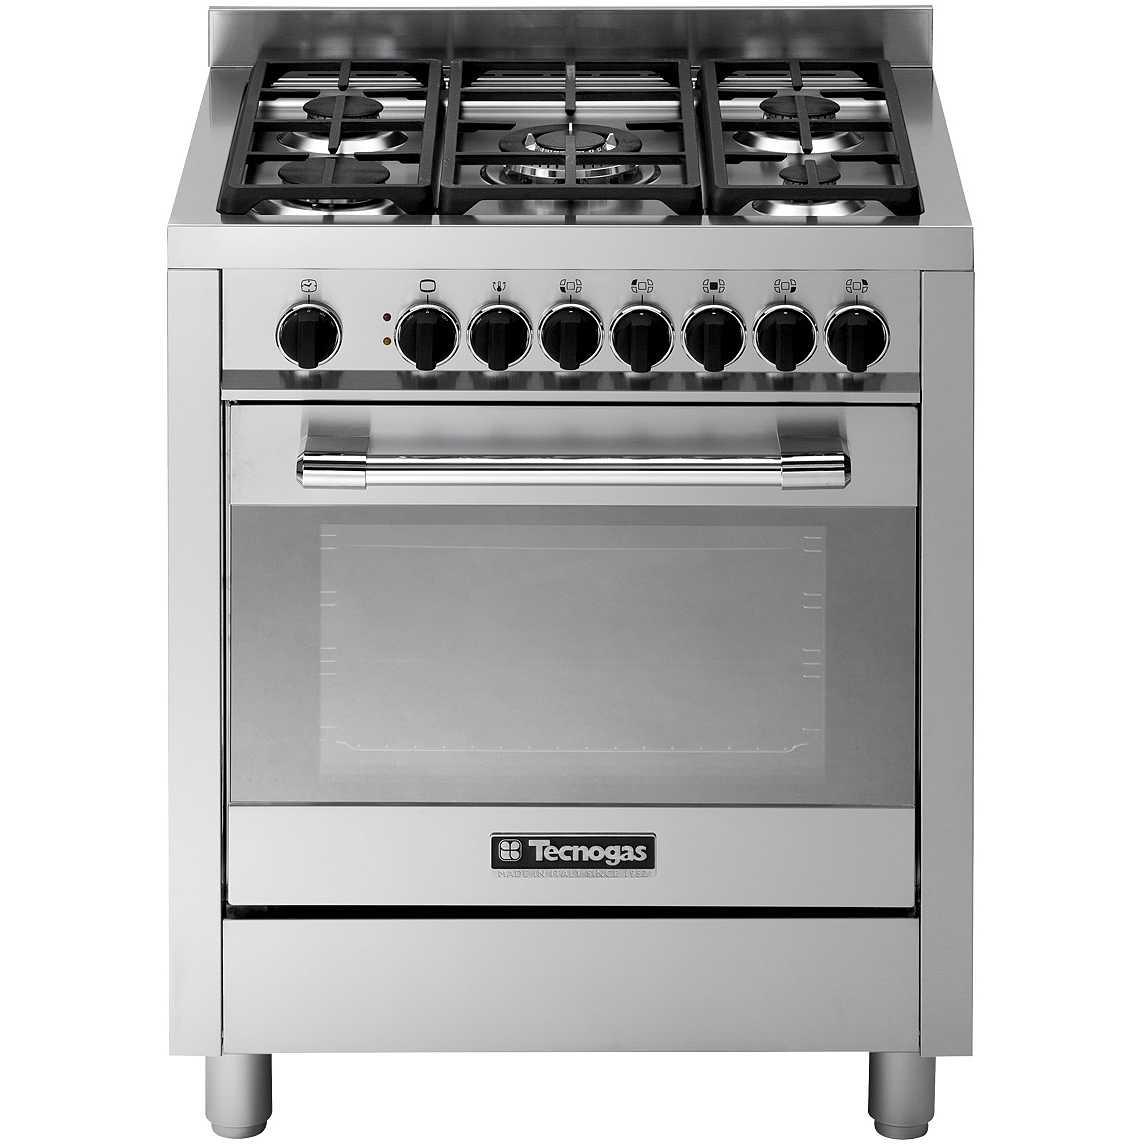 Tecnogas PTV762XS cucina 70x60 5 fuochi a gas forno a gas ...